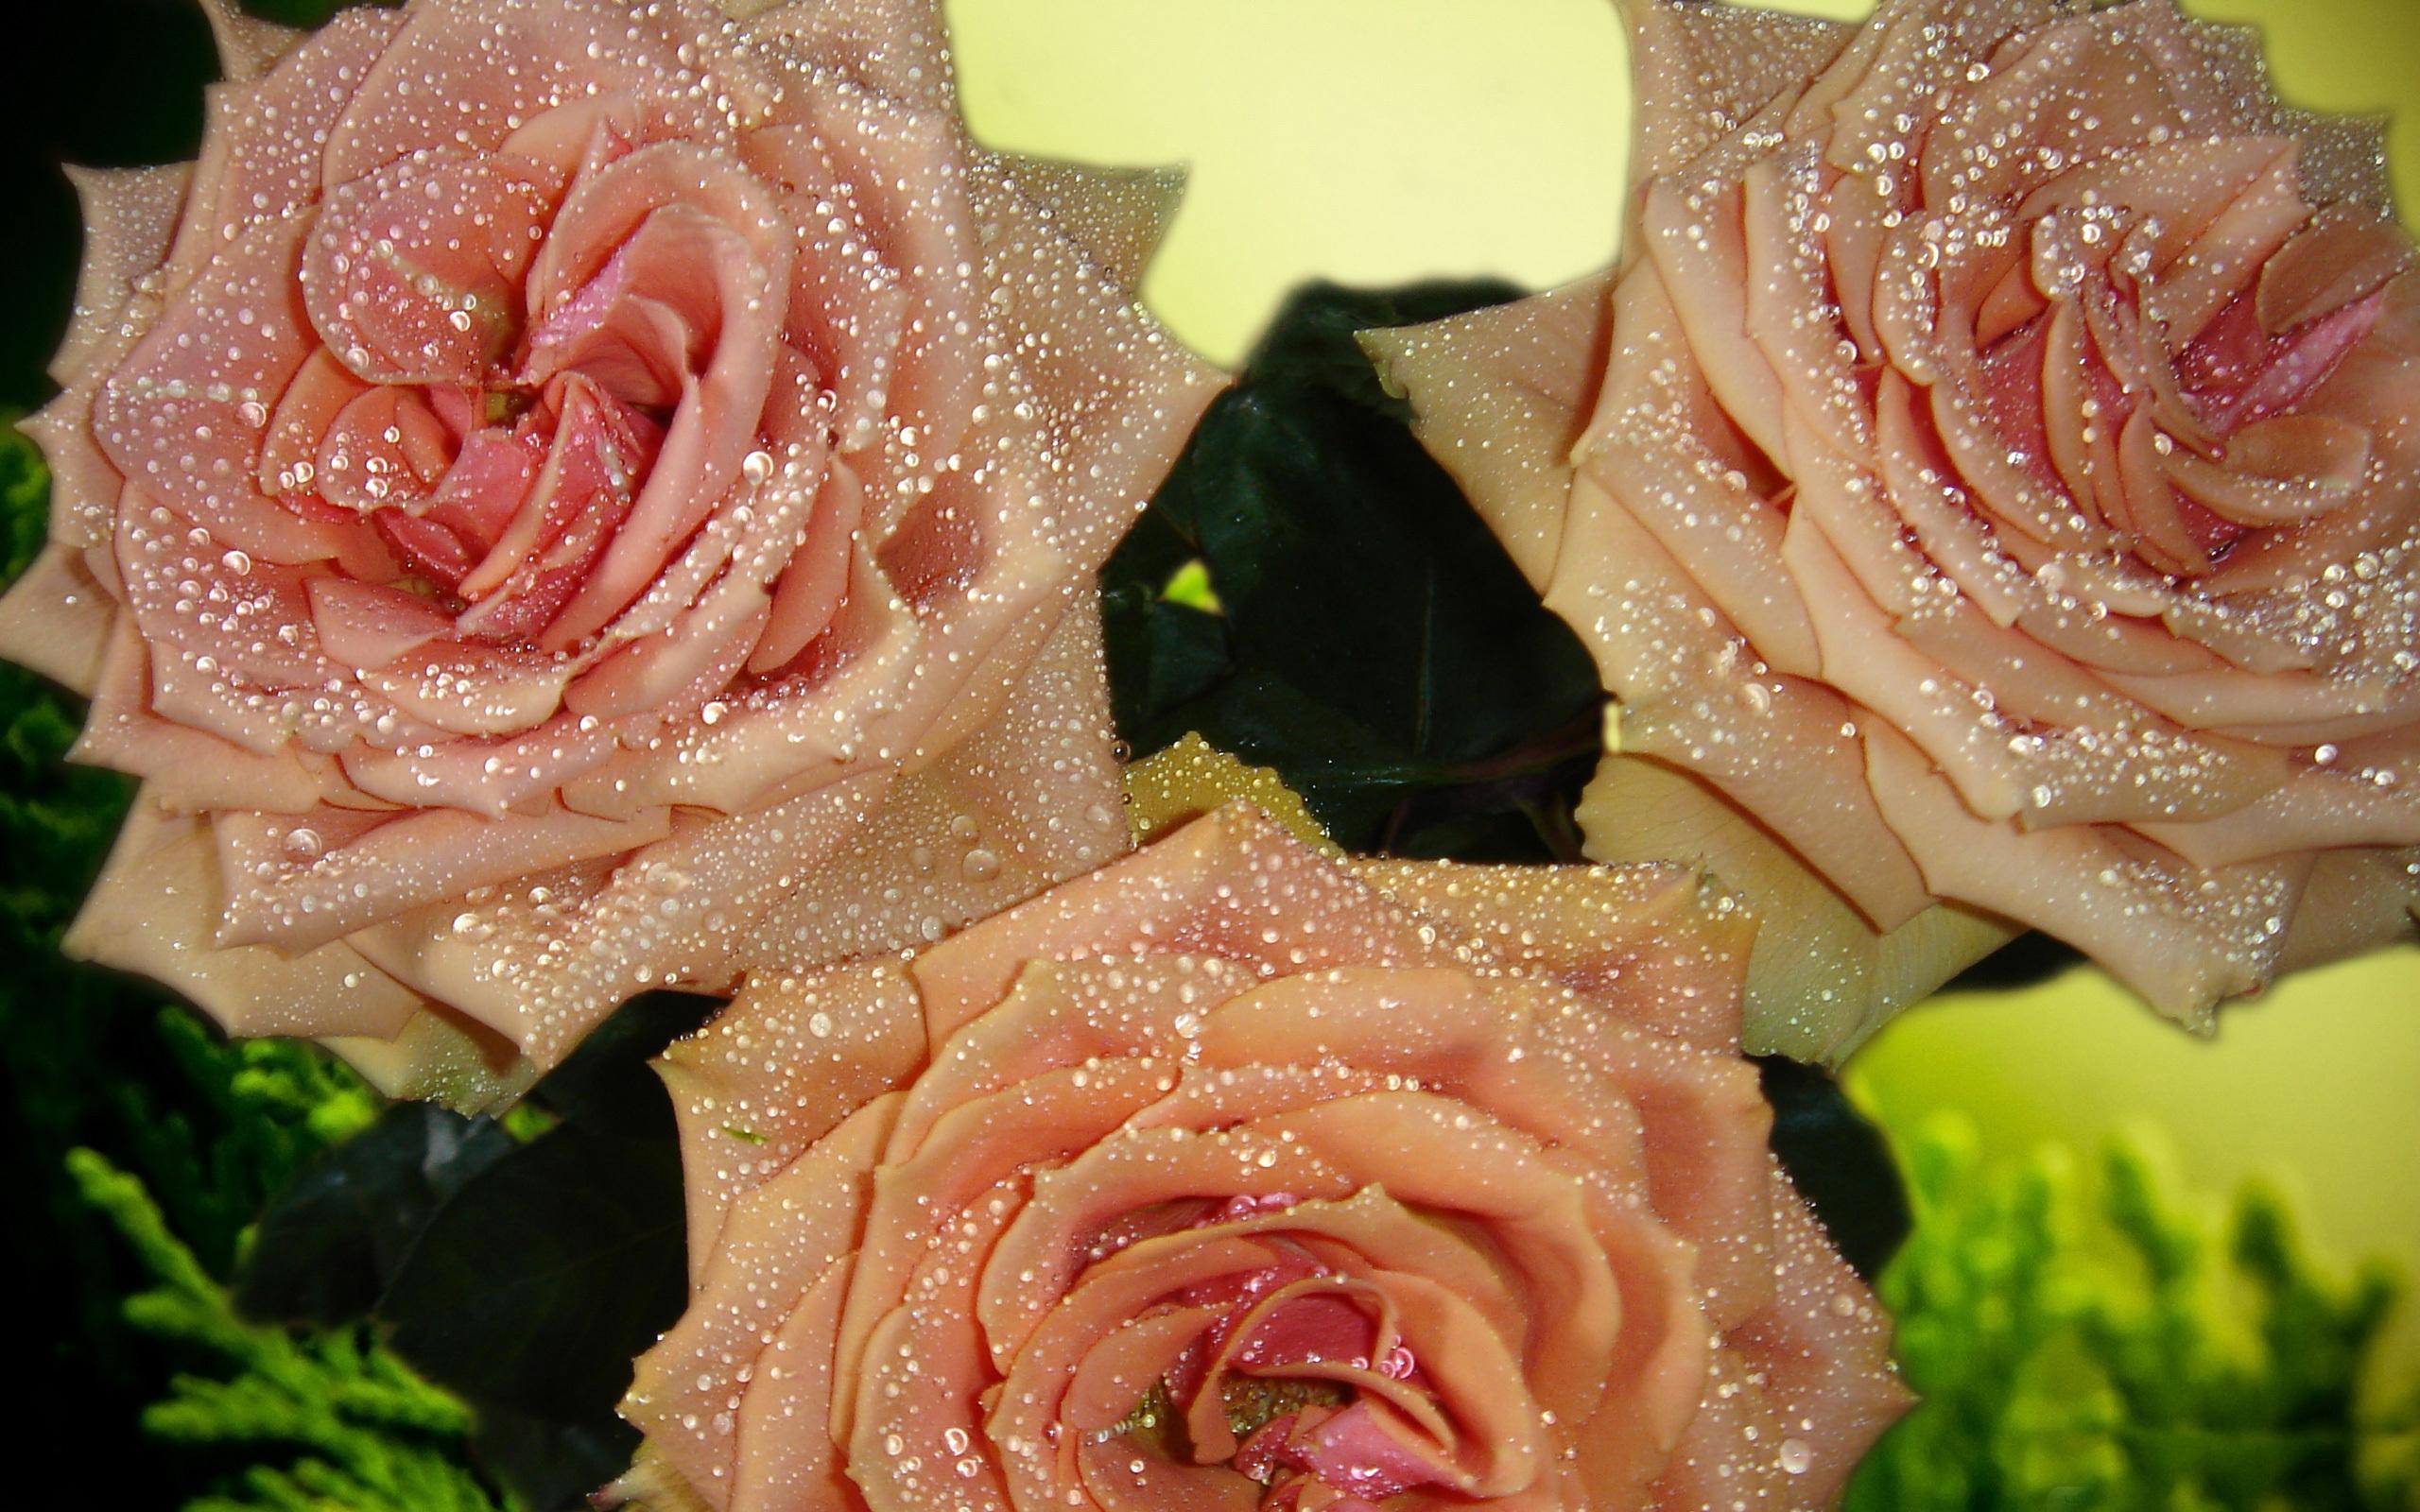 большие посмотреть картинки розы с блестками словам пескова, президенту